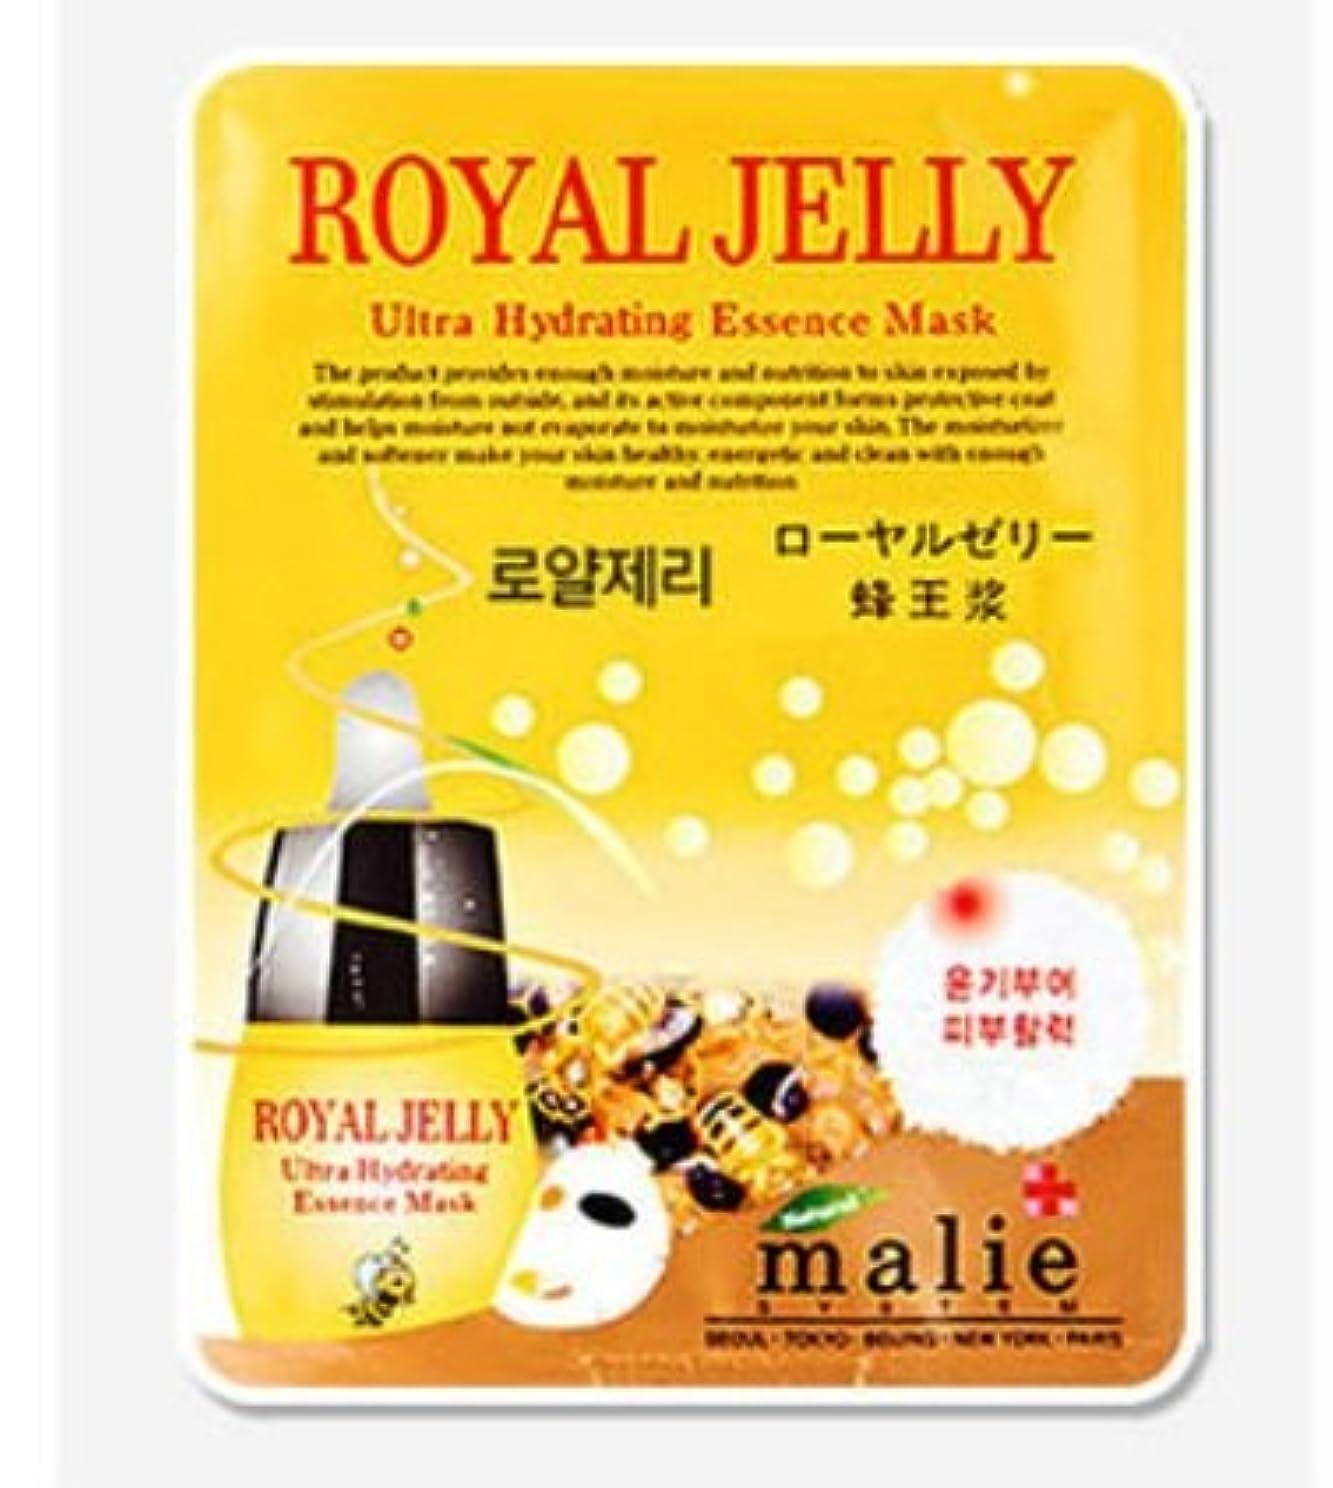 リベラル伝統的百[MALIE] まりえローヤルゼリーウルトラ?ハイドレーティング?エッセンスマスク25gX10枚 / Malie Royal Jelly Ultra Hydrating Essence Mask [並行輸入品]